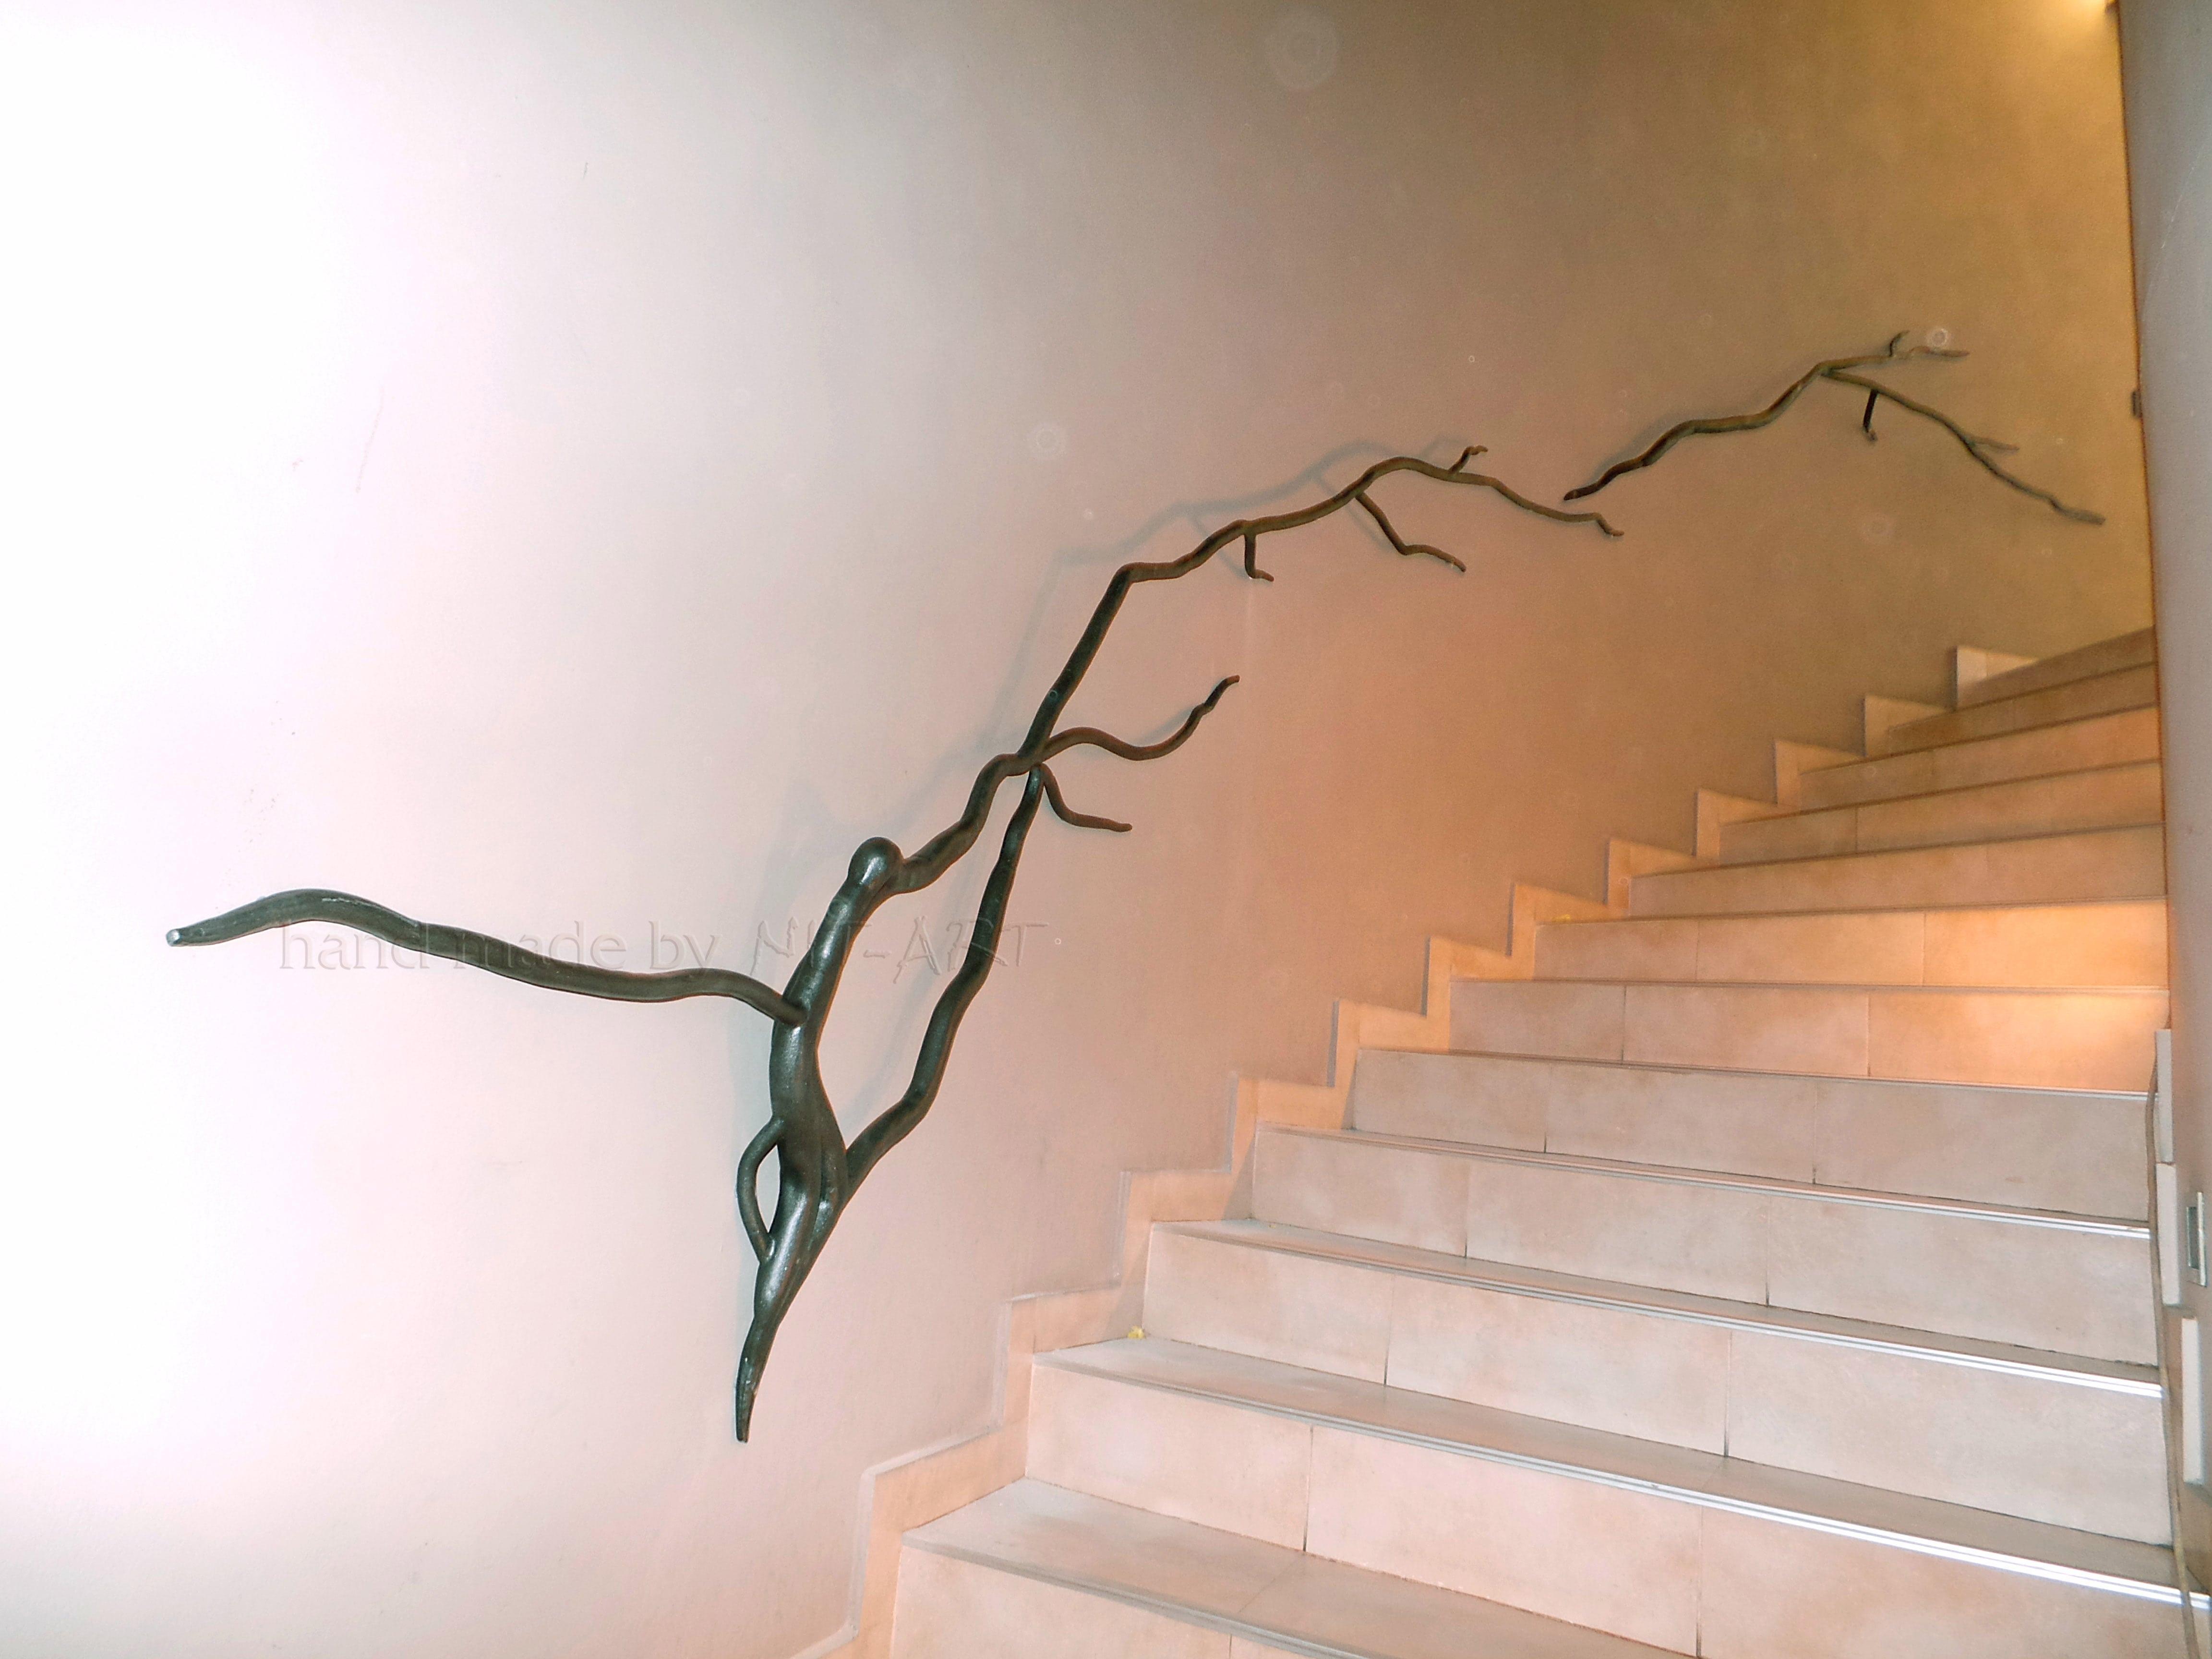 NIT-ART Kovano gvozdje, gelender za stepenice